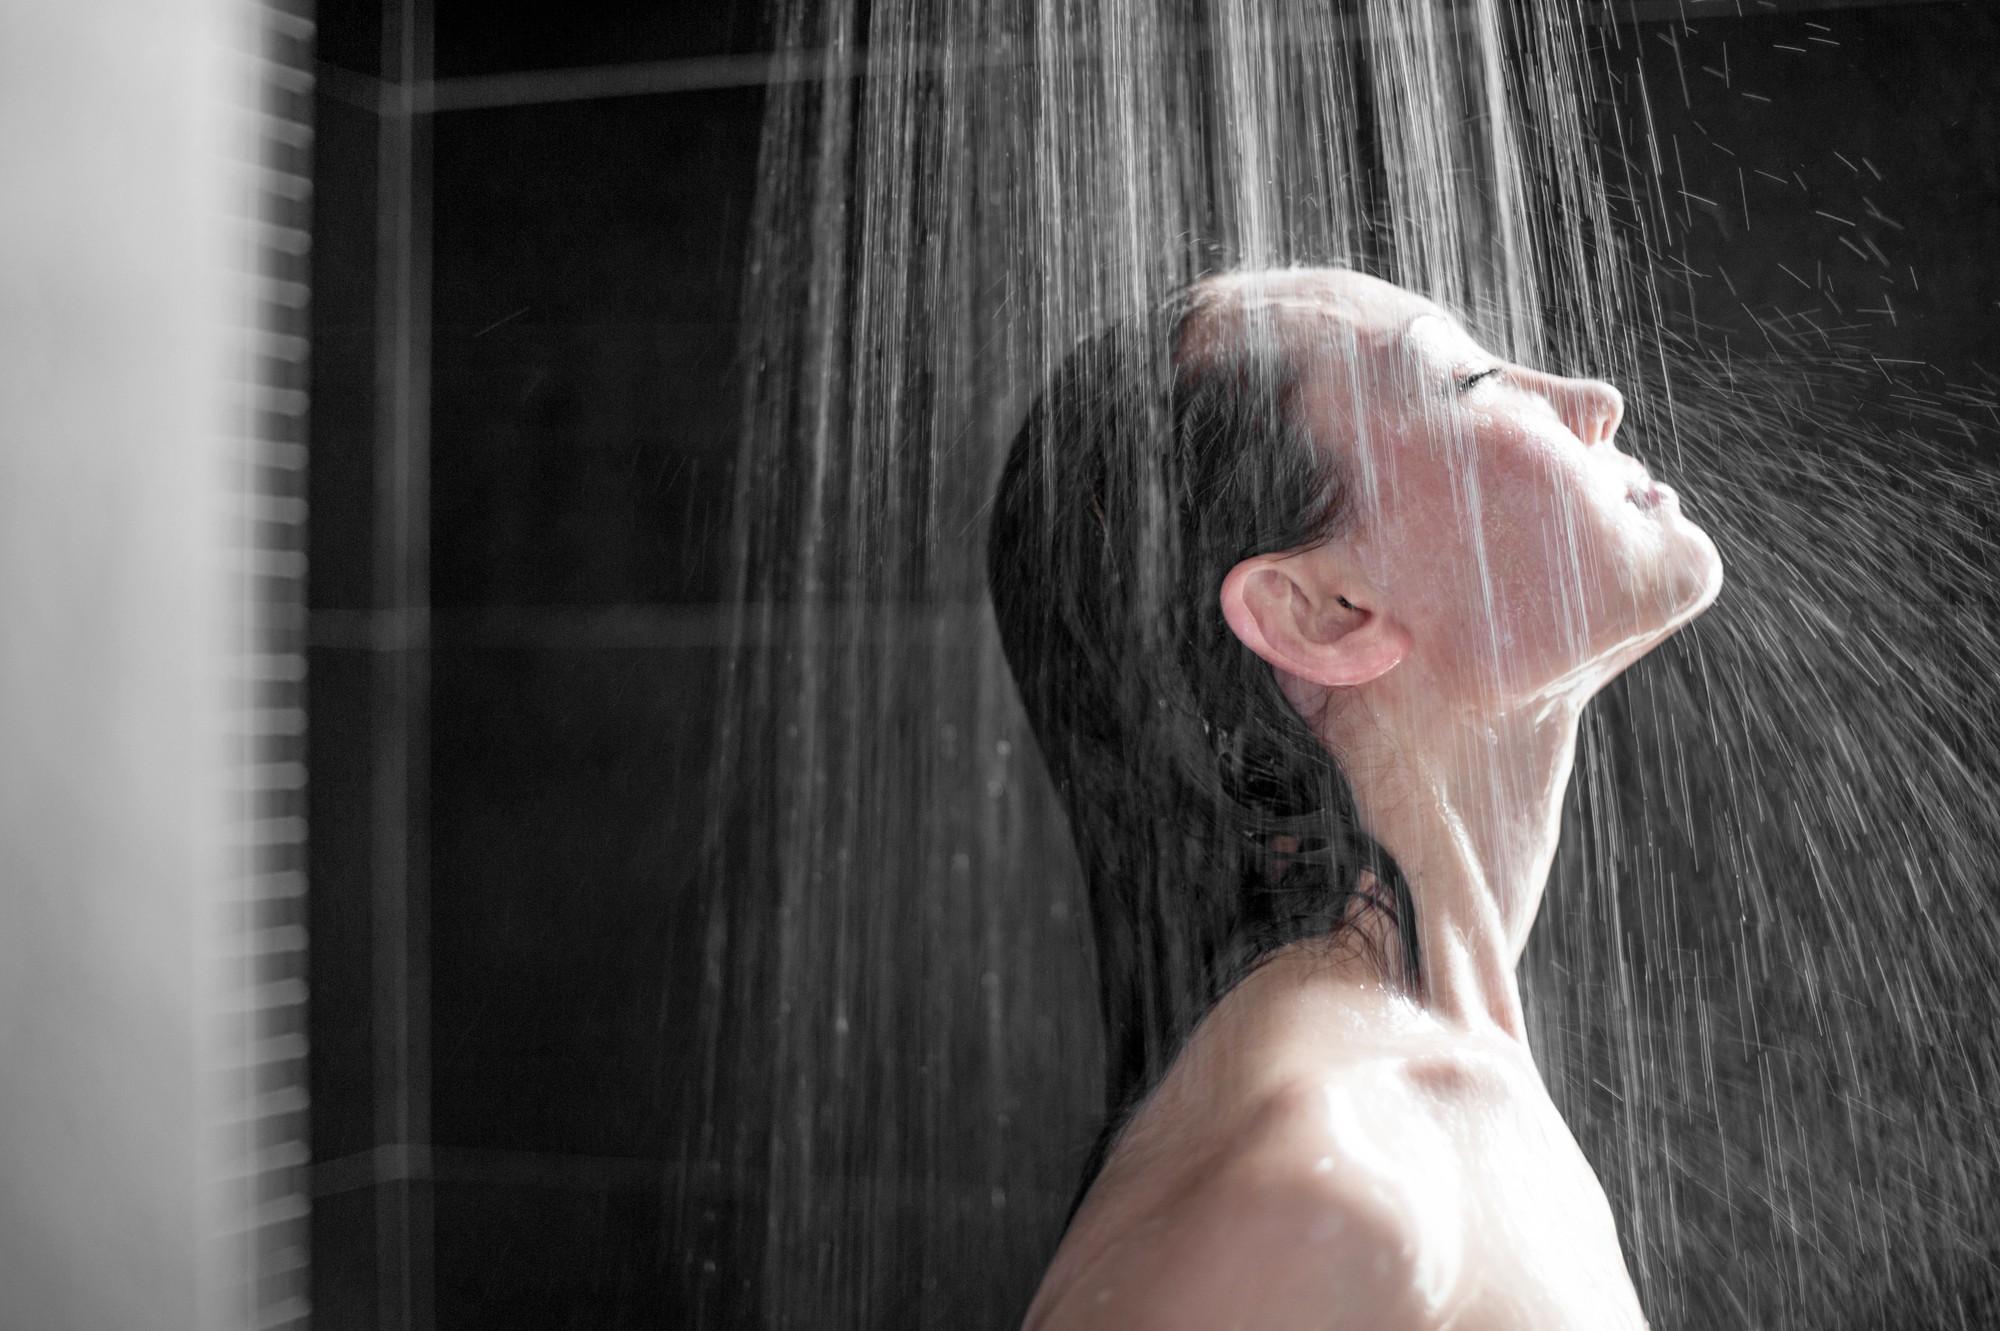 5 thói quen xấu khi tắm gội cần sửa ngay để tránh gây ảnh hưởng tới sức khỏe - Ảnh 4.